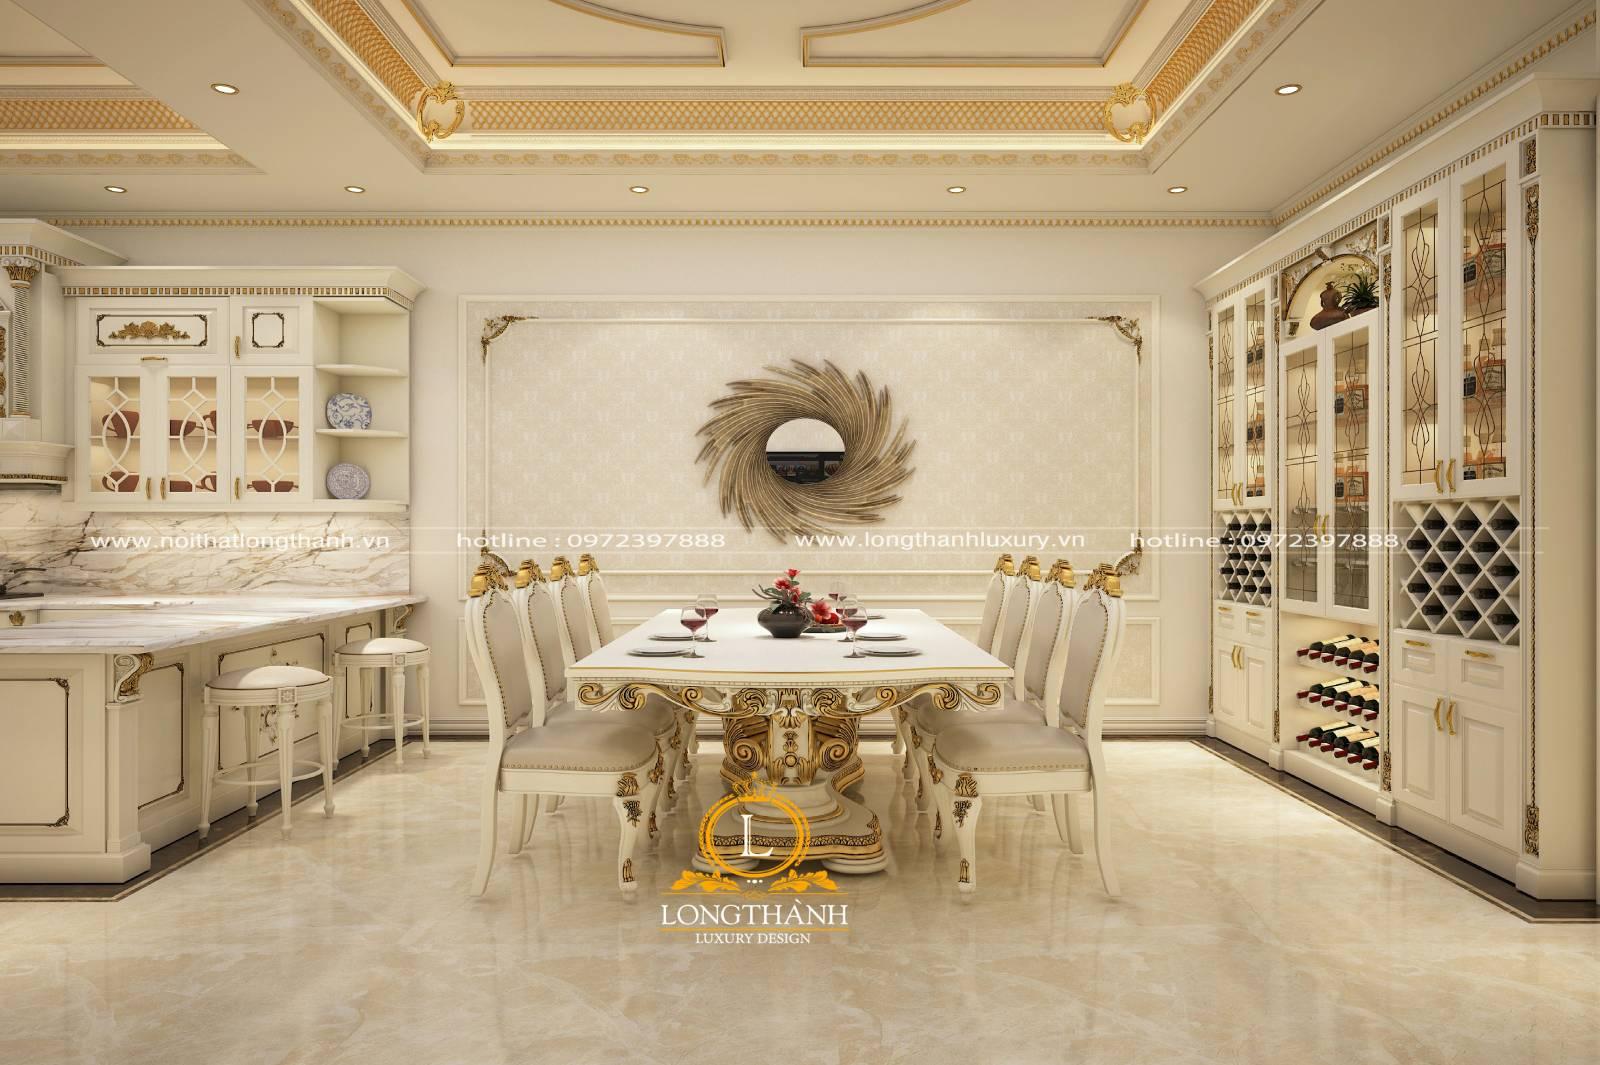 Không gian nhà bếp với màu trắng nhẹ nhàng tin khôi cùng mẫu tủ bếp gỗ Gõ tiện lợi